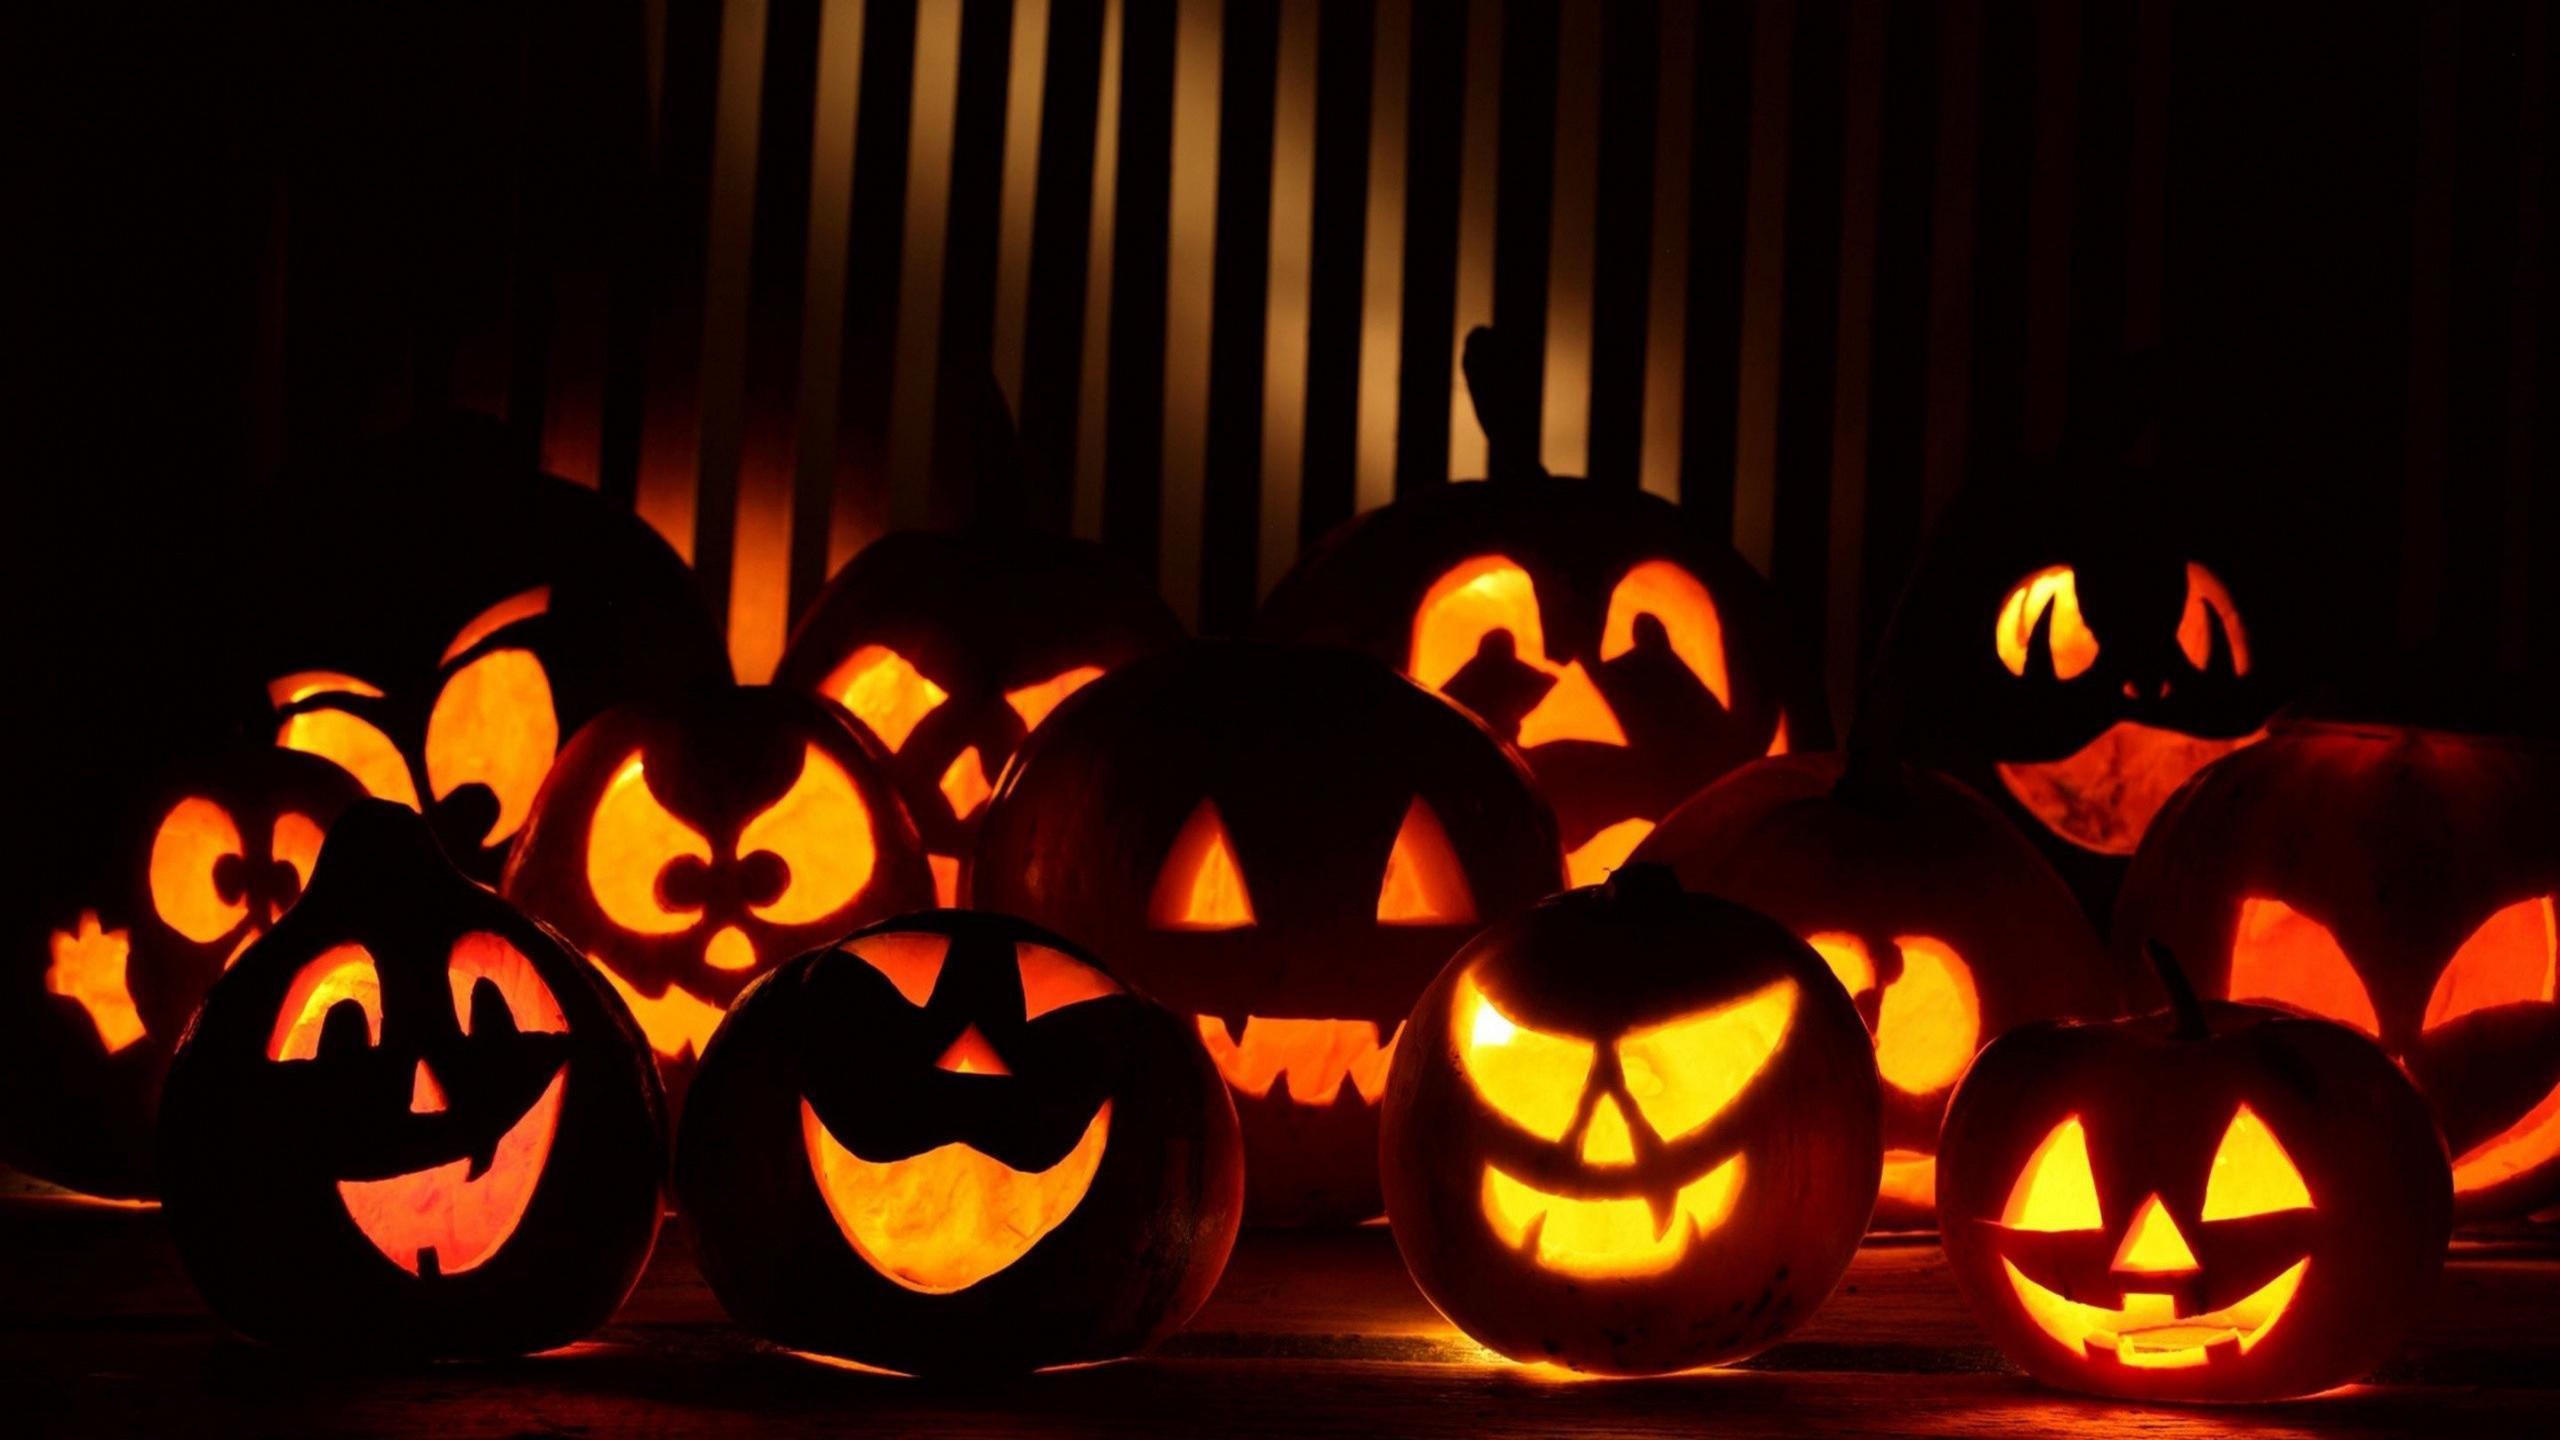 Halloween-Pumpkins-HD-Wallpapers.jpg